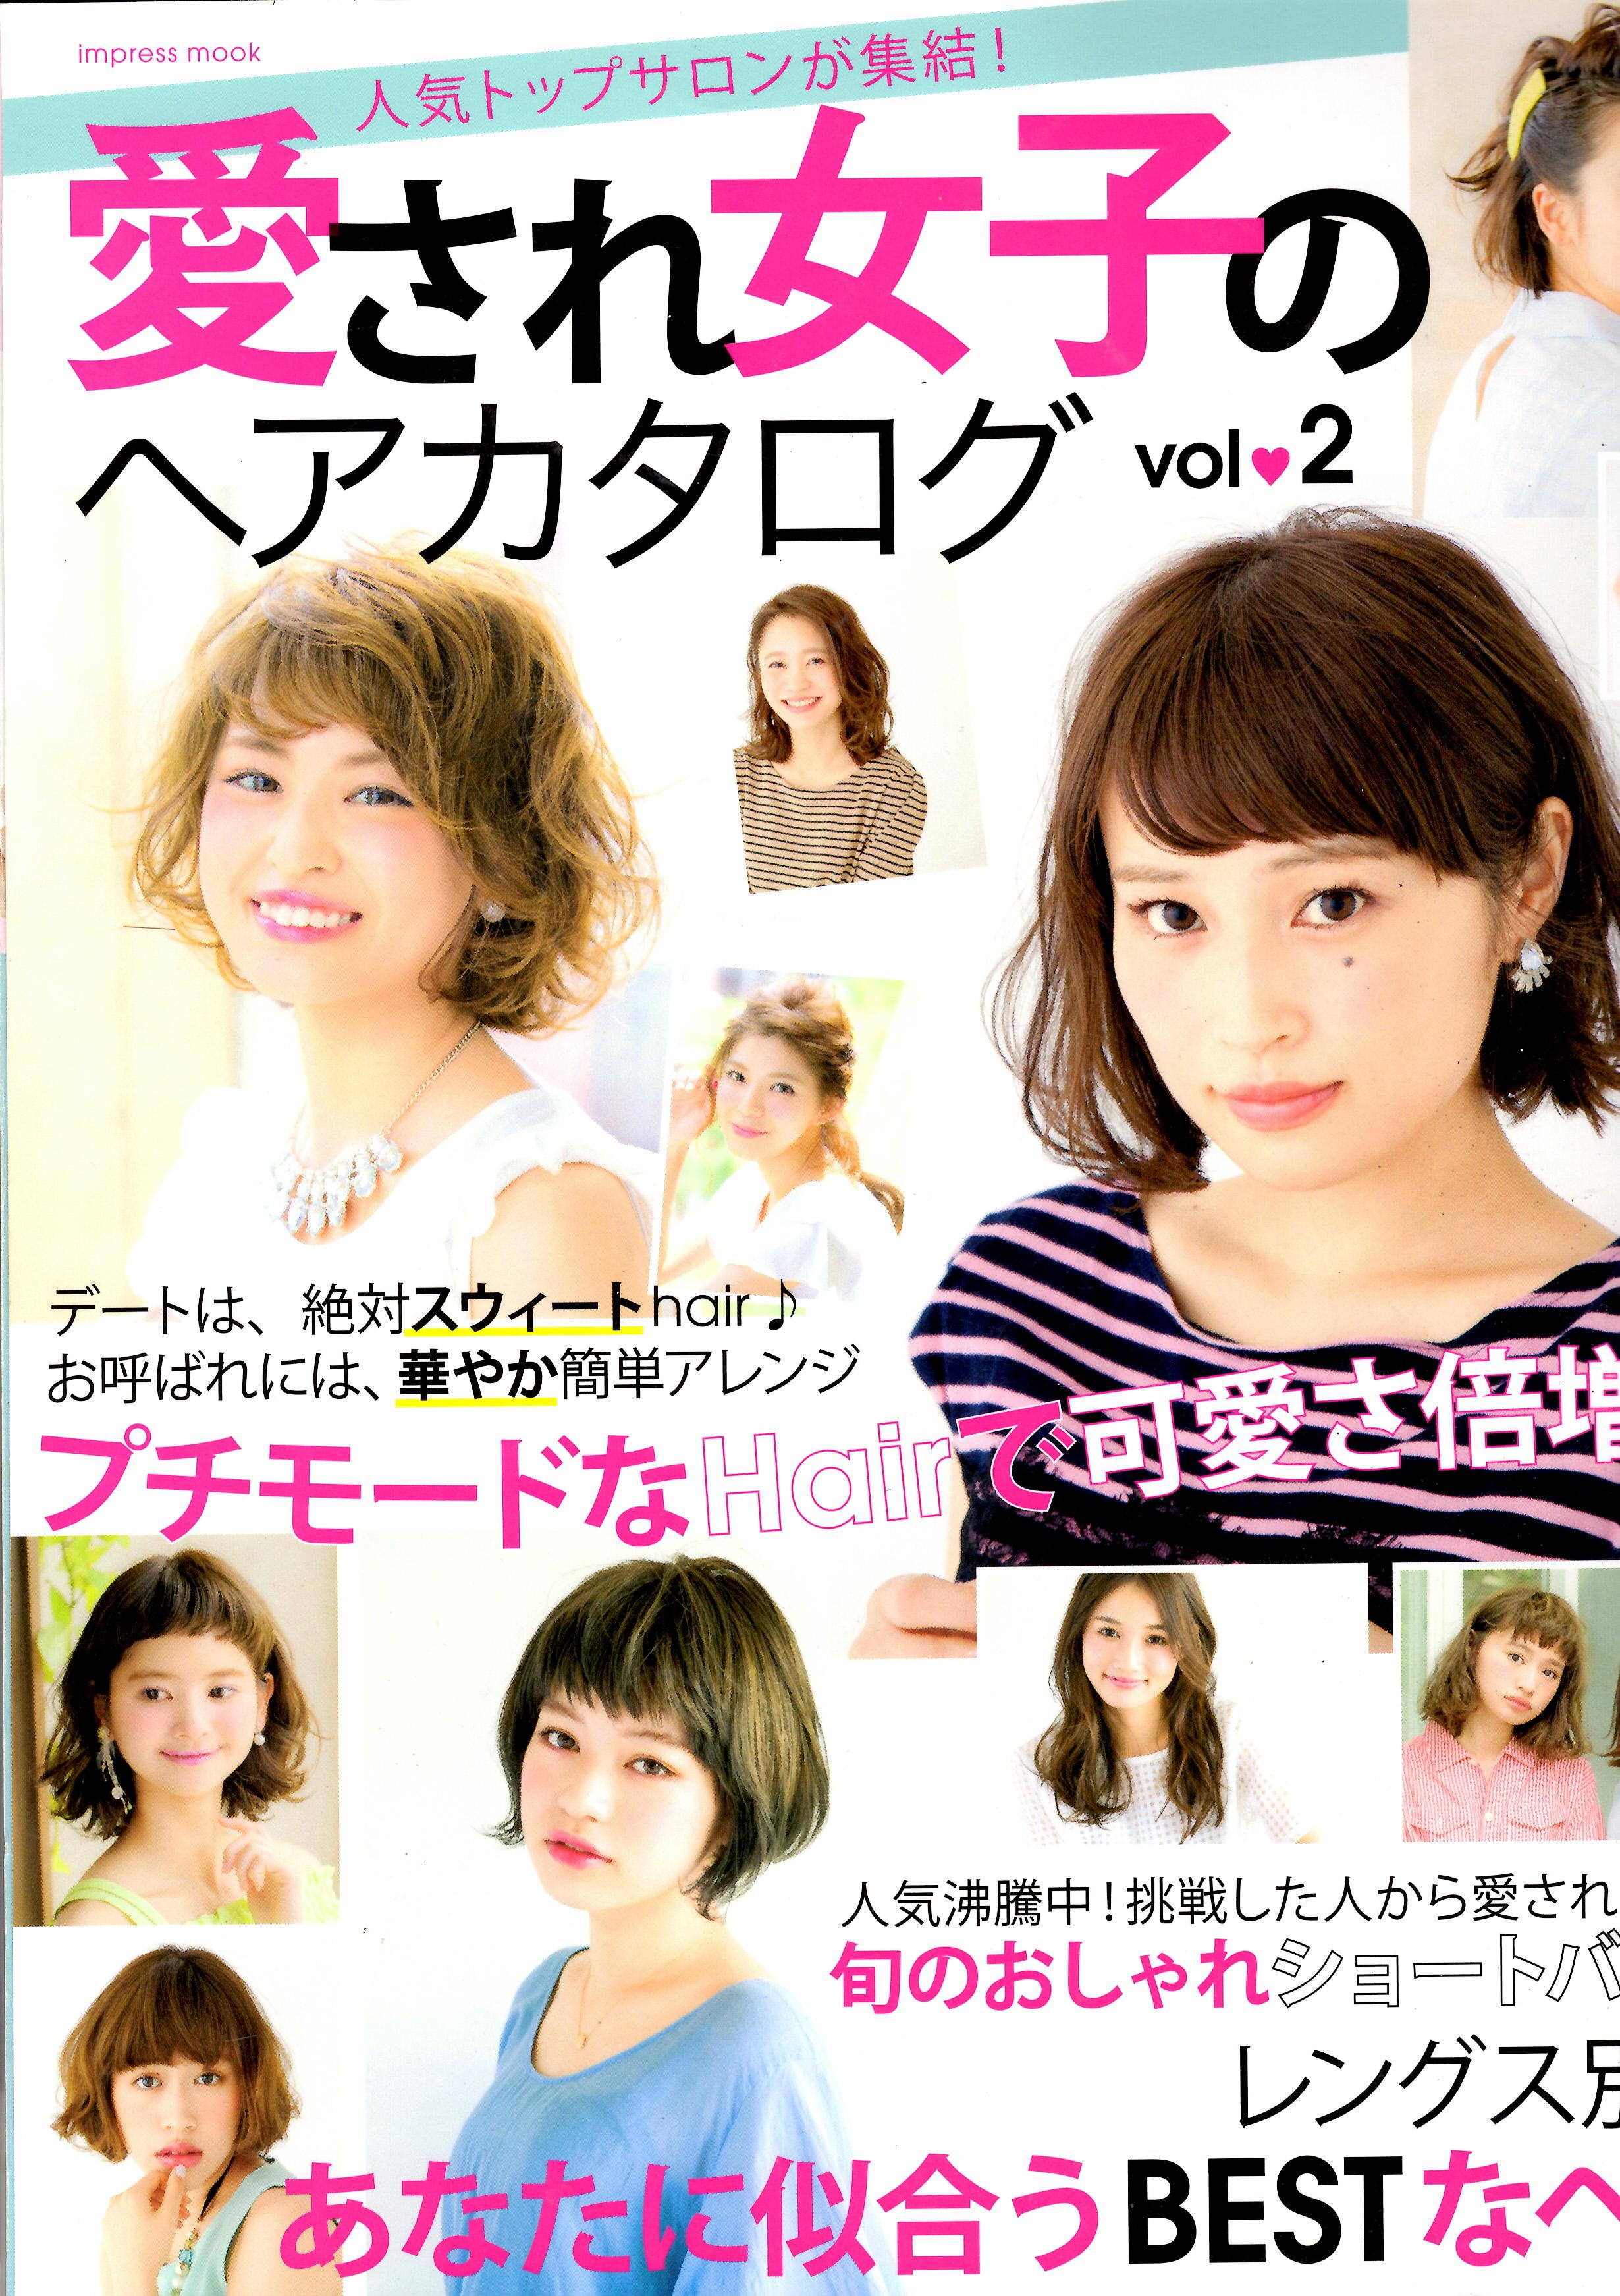 愛され女子のヘアカタログvol.2 ひろせ店 鈴木 遥貴が掲載されました